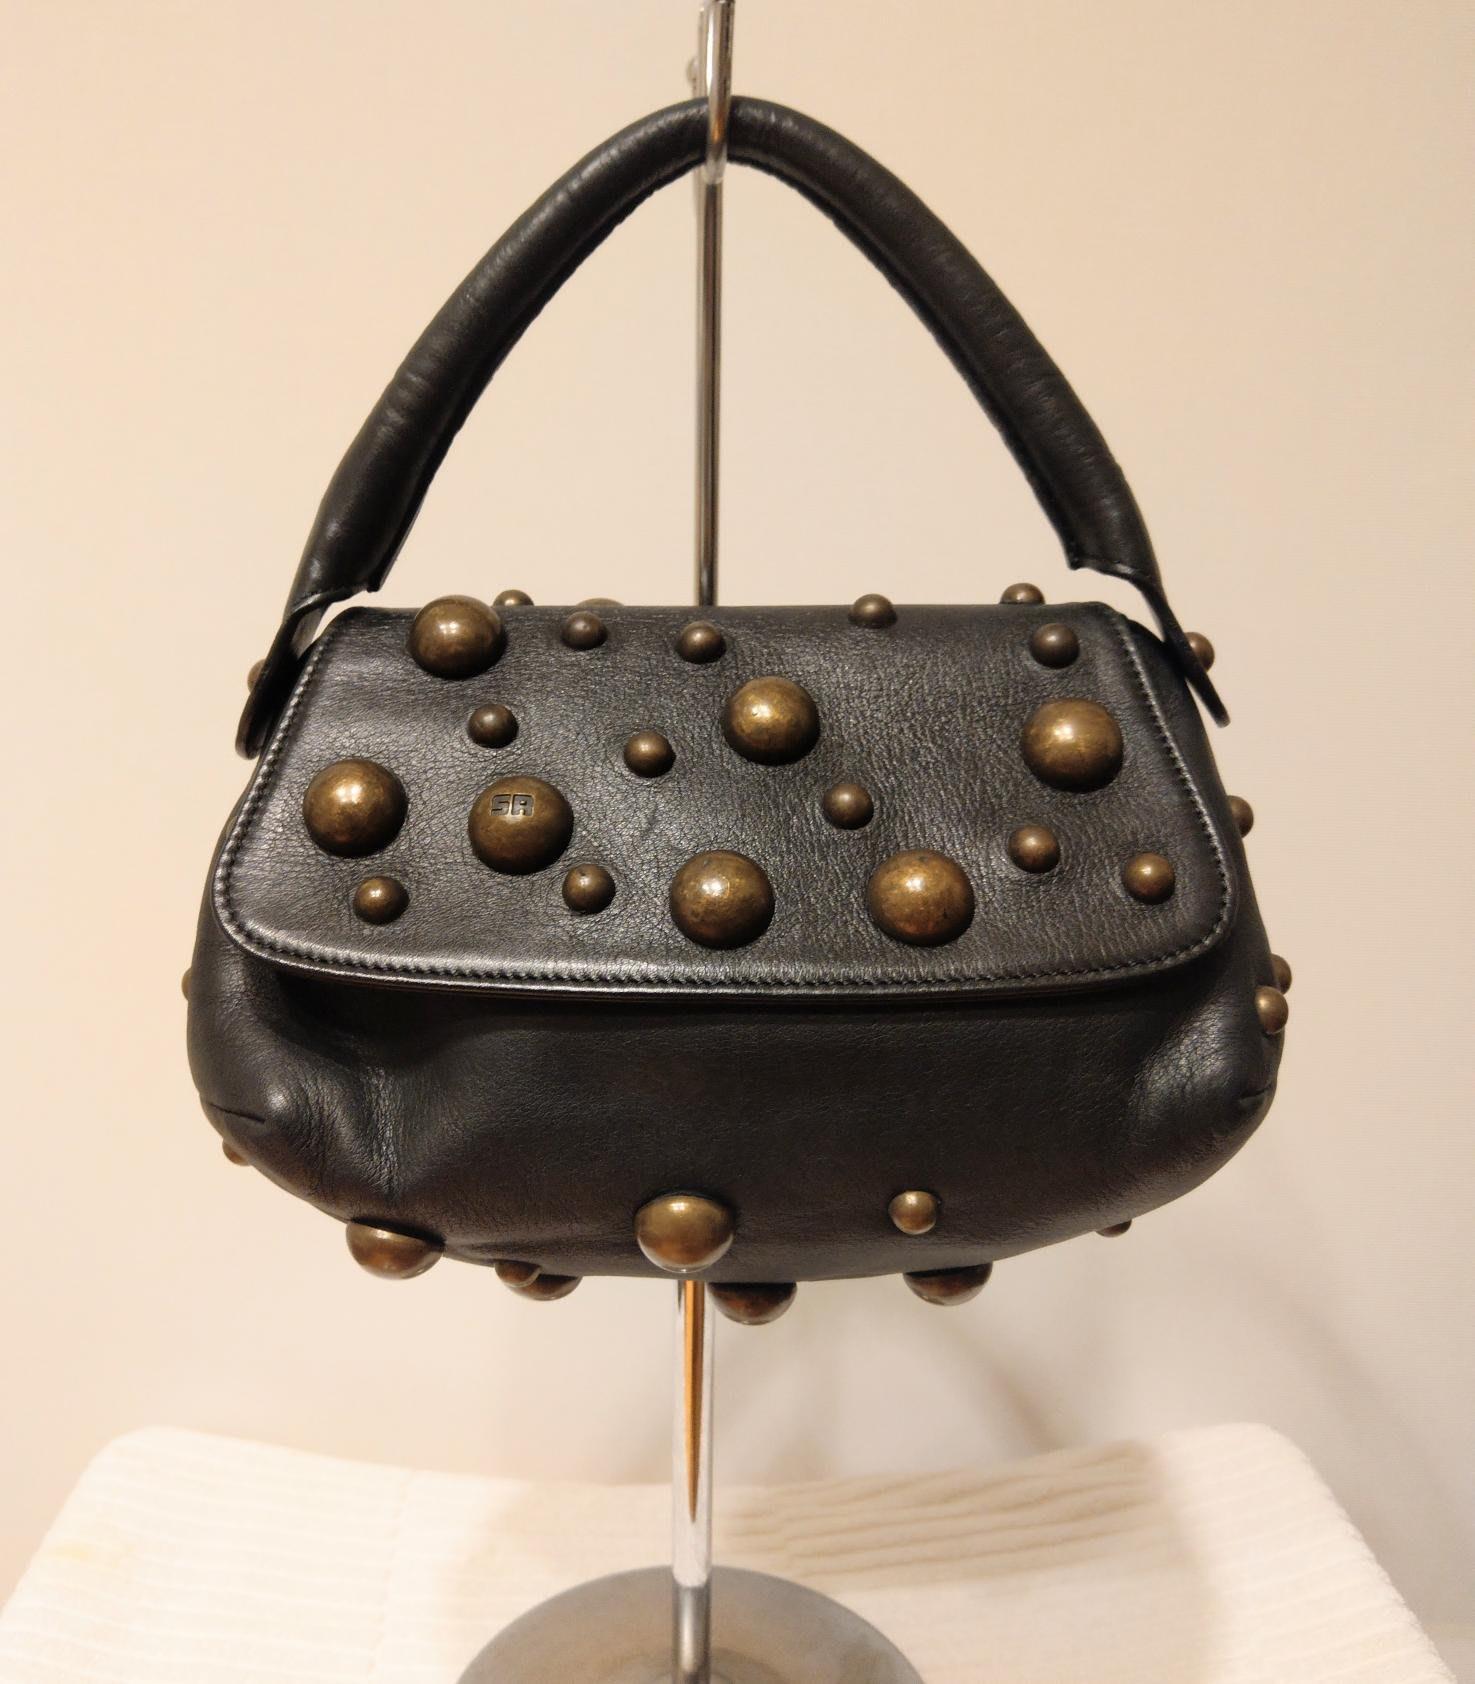 95成新 Sonia Rykiel 桑麗卡 走秀限量款 鑲滿銅球 晚宴包 手提包 皮包